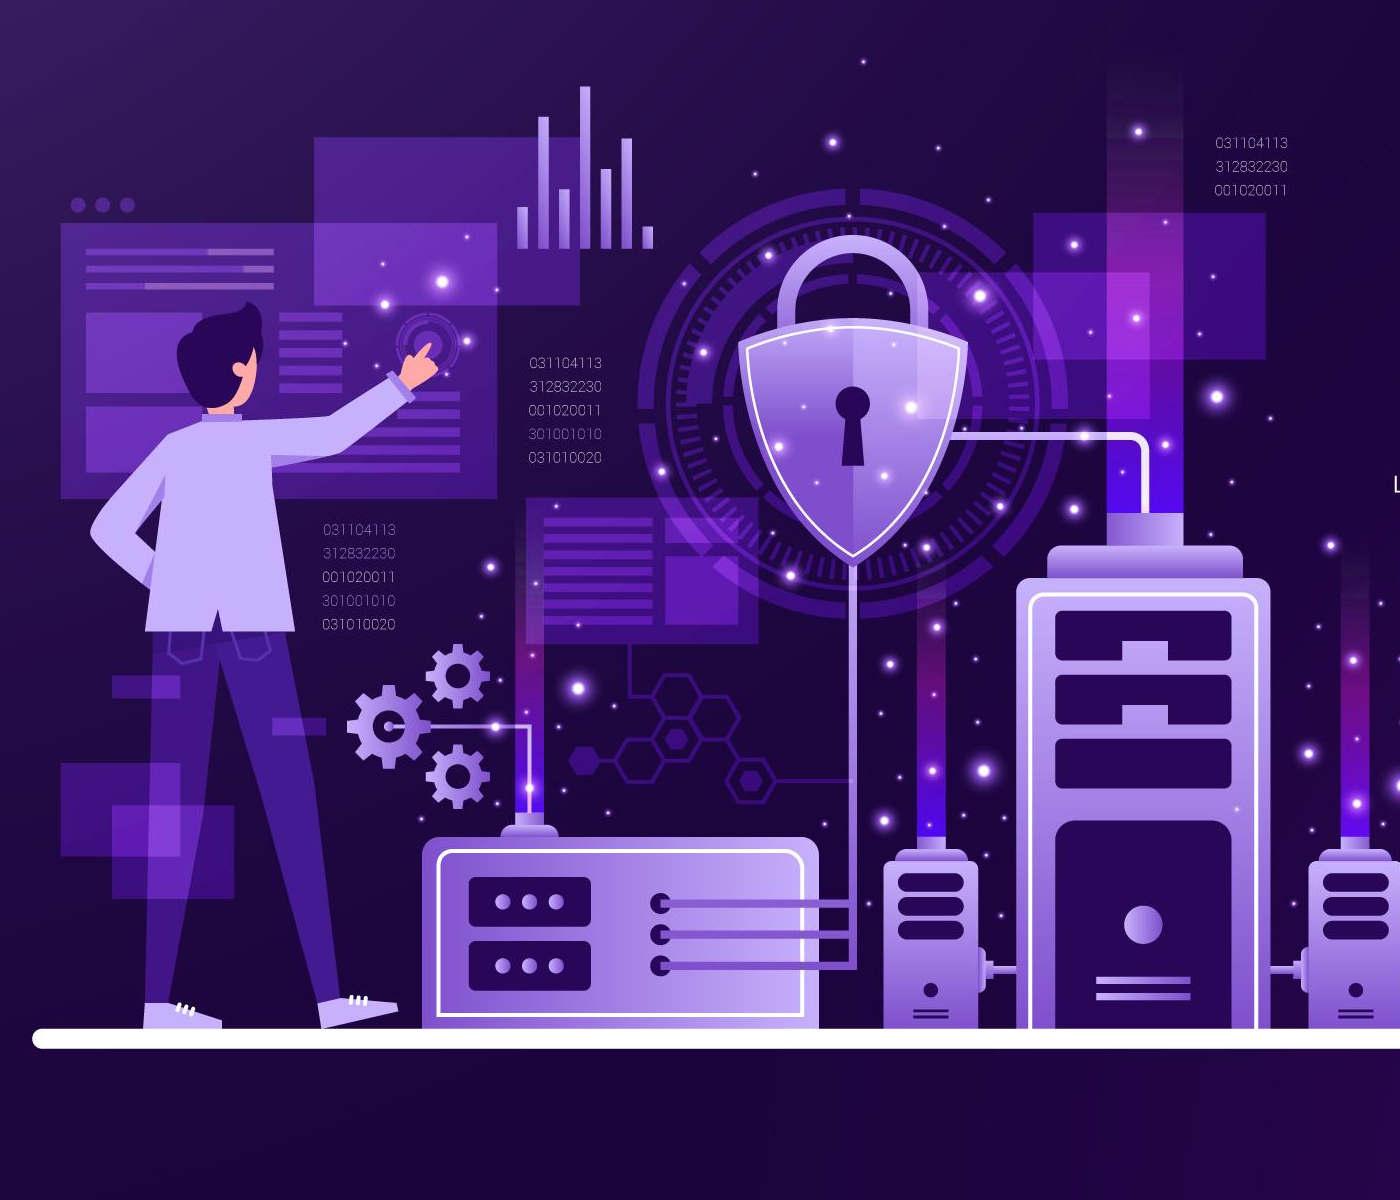 Cyber security e sicurezza informatica, GDPR